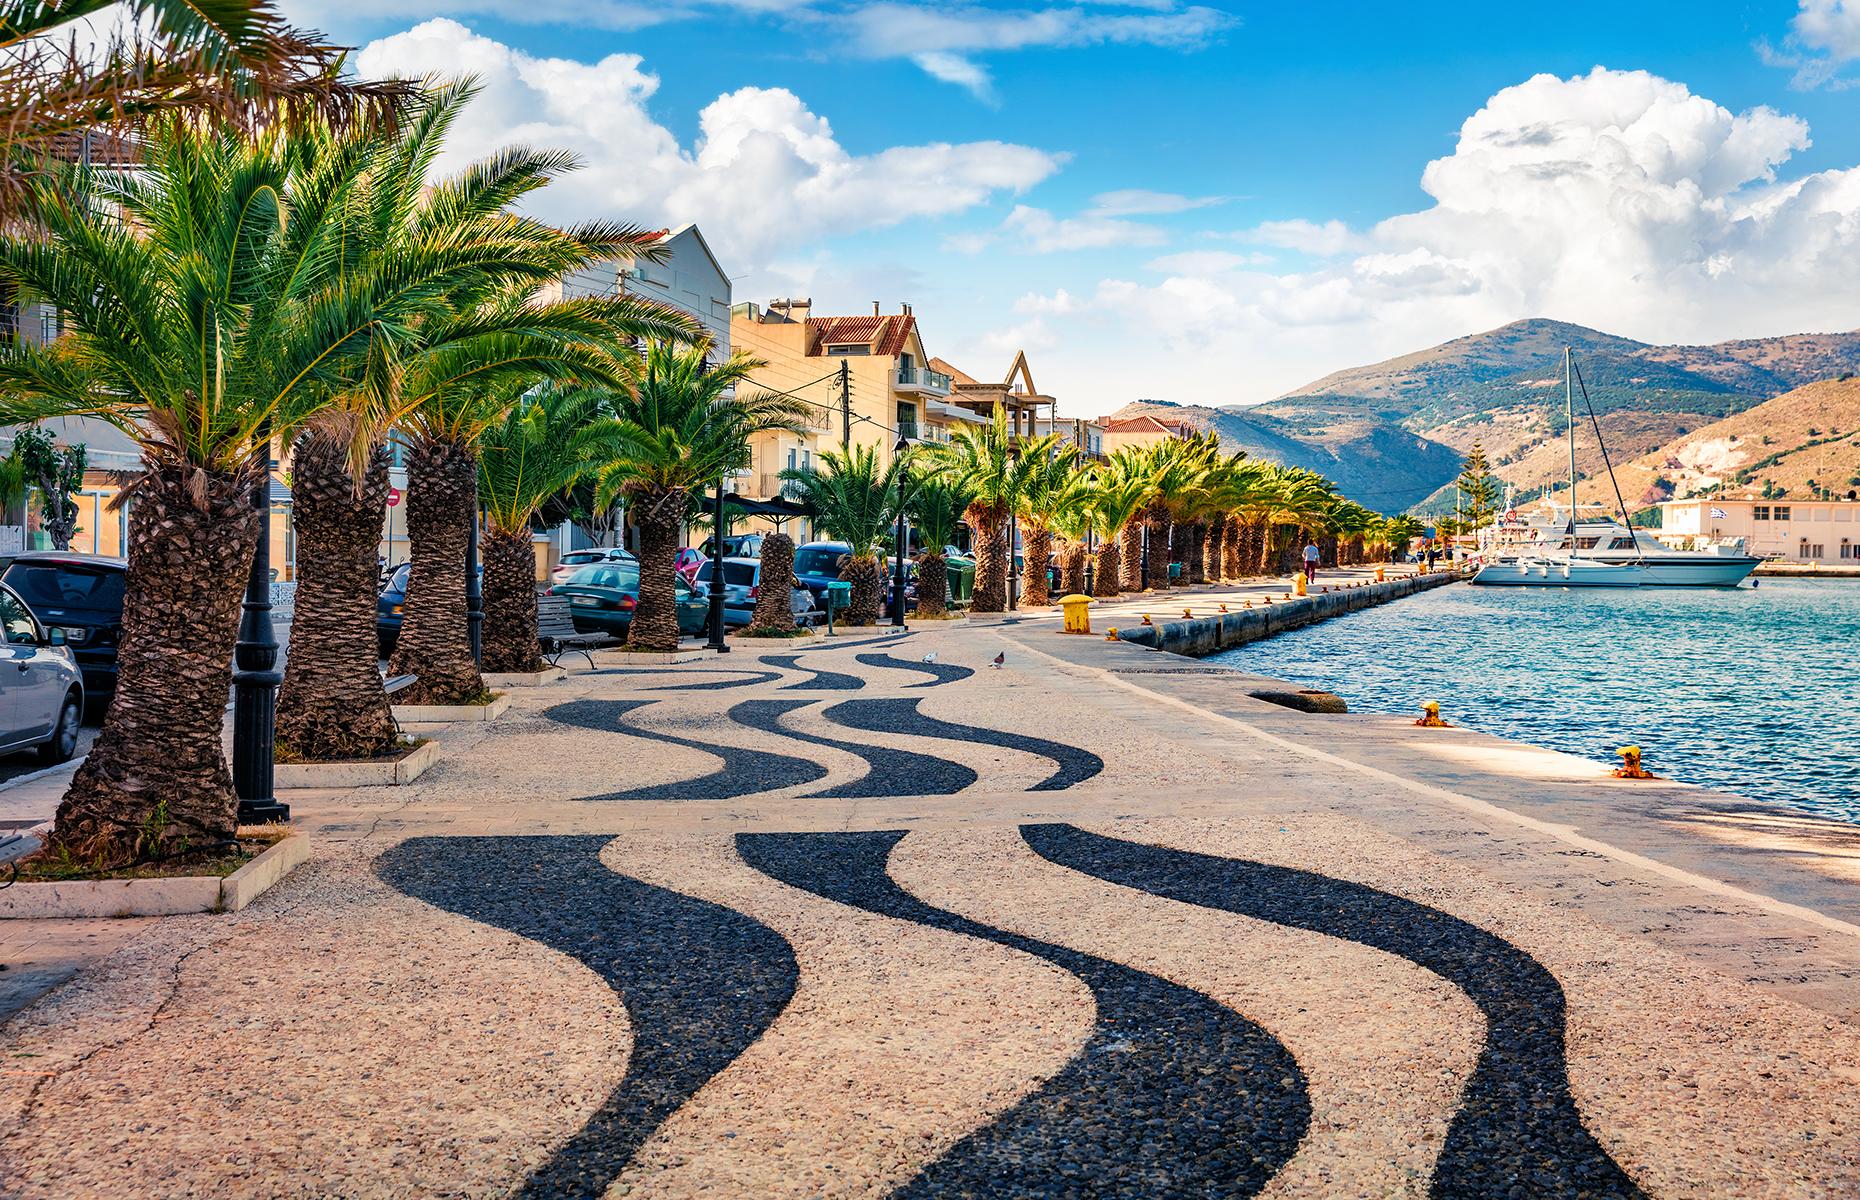 Argostoli (Image: Andrew Mayovskyy/Shutterstock)